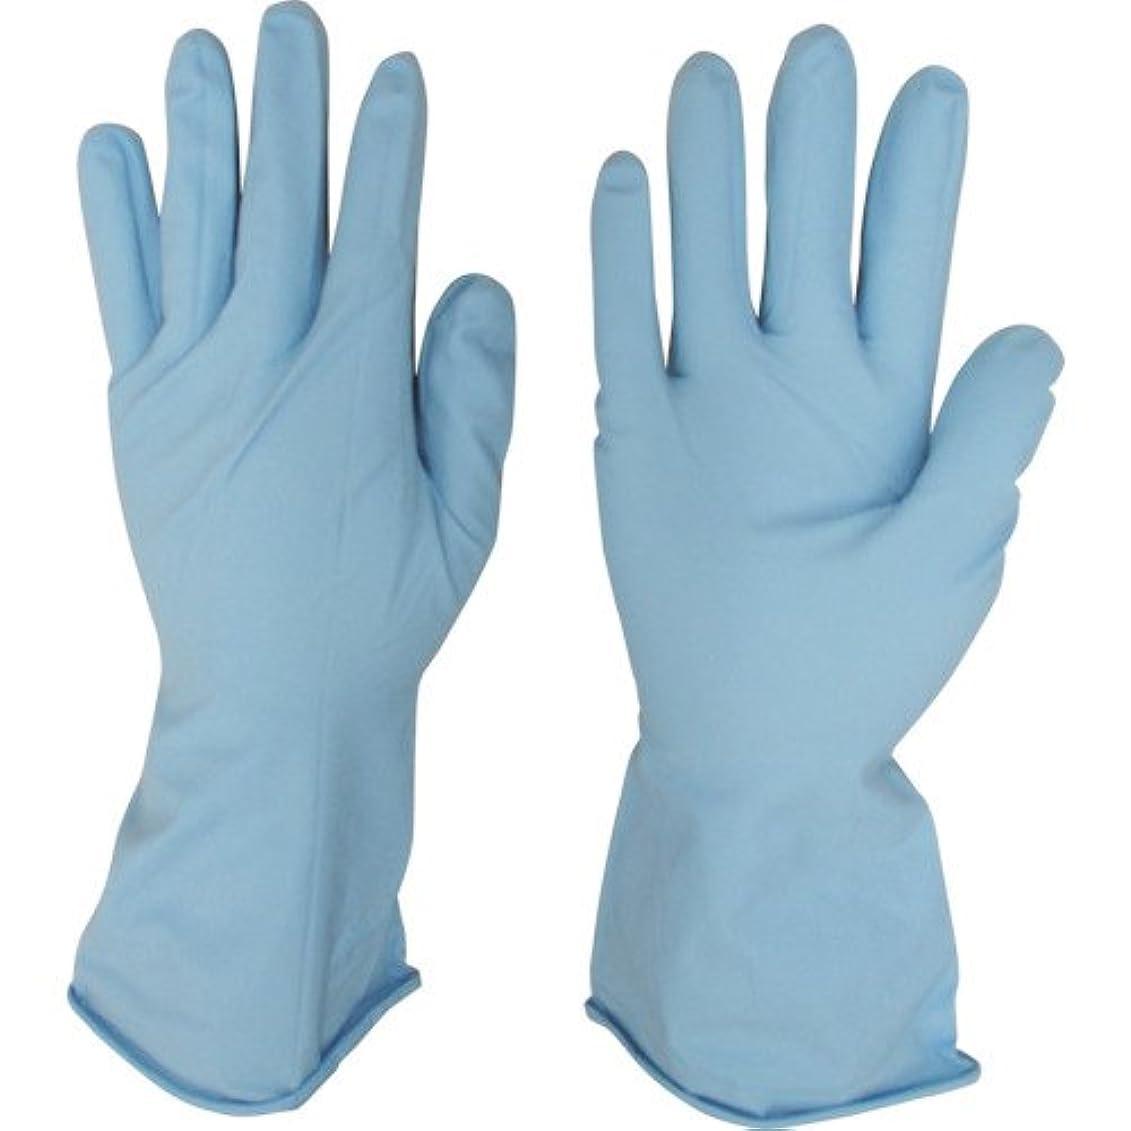 後世チャーミングアブストラクト宇都宮製作 作業用手袋 シンガーニトリル薄手手袋 パウダーフリー ブルー 10双入 S